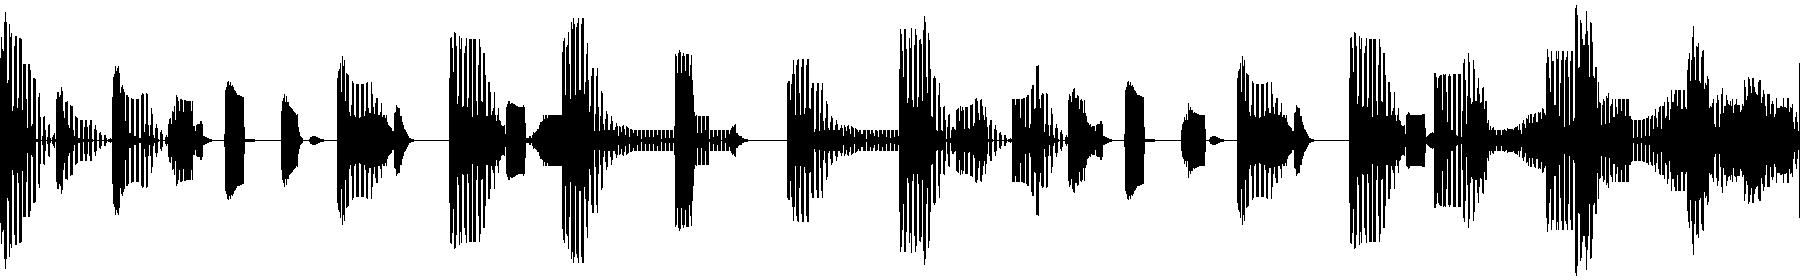 86990 odddrumloop wav